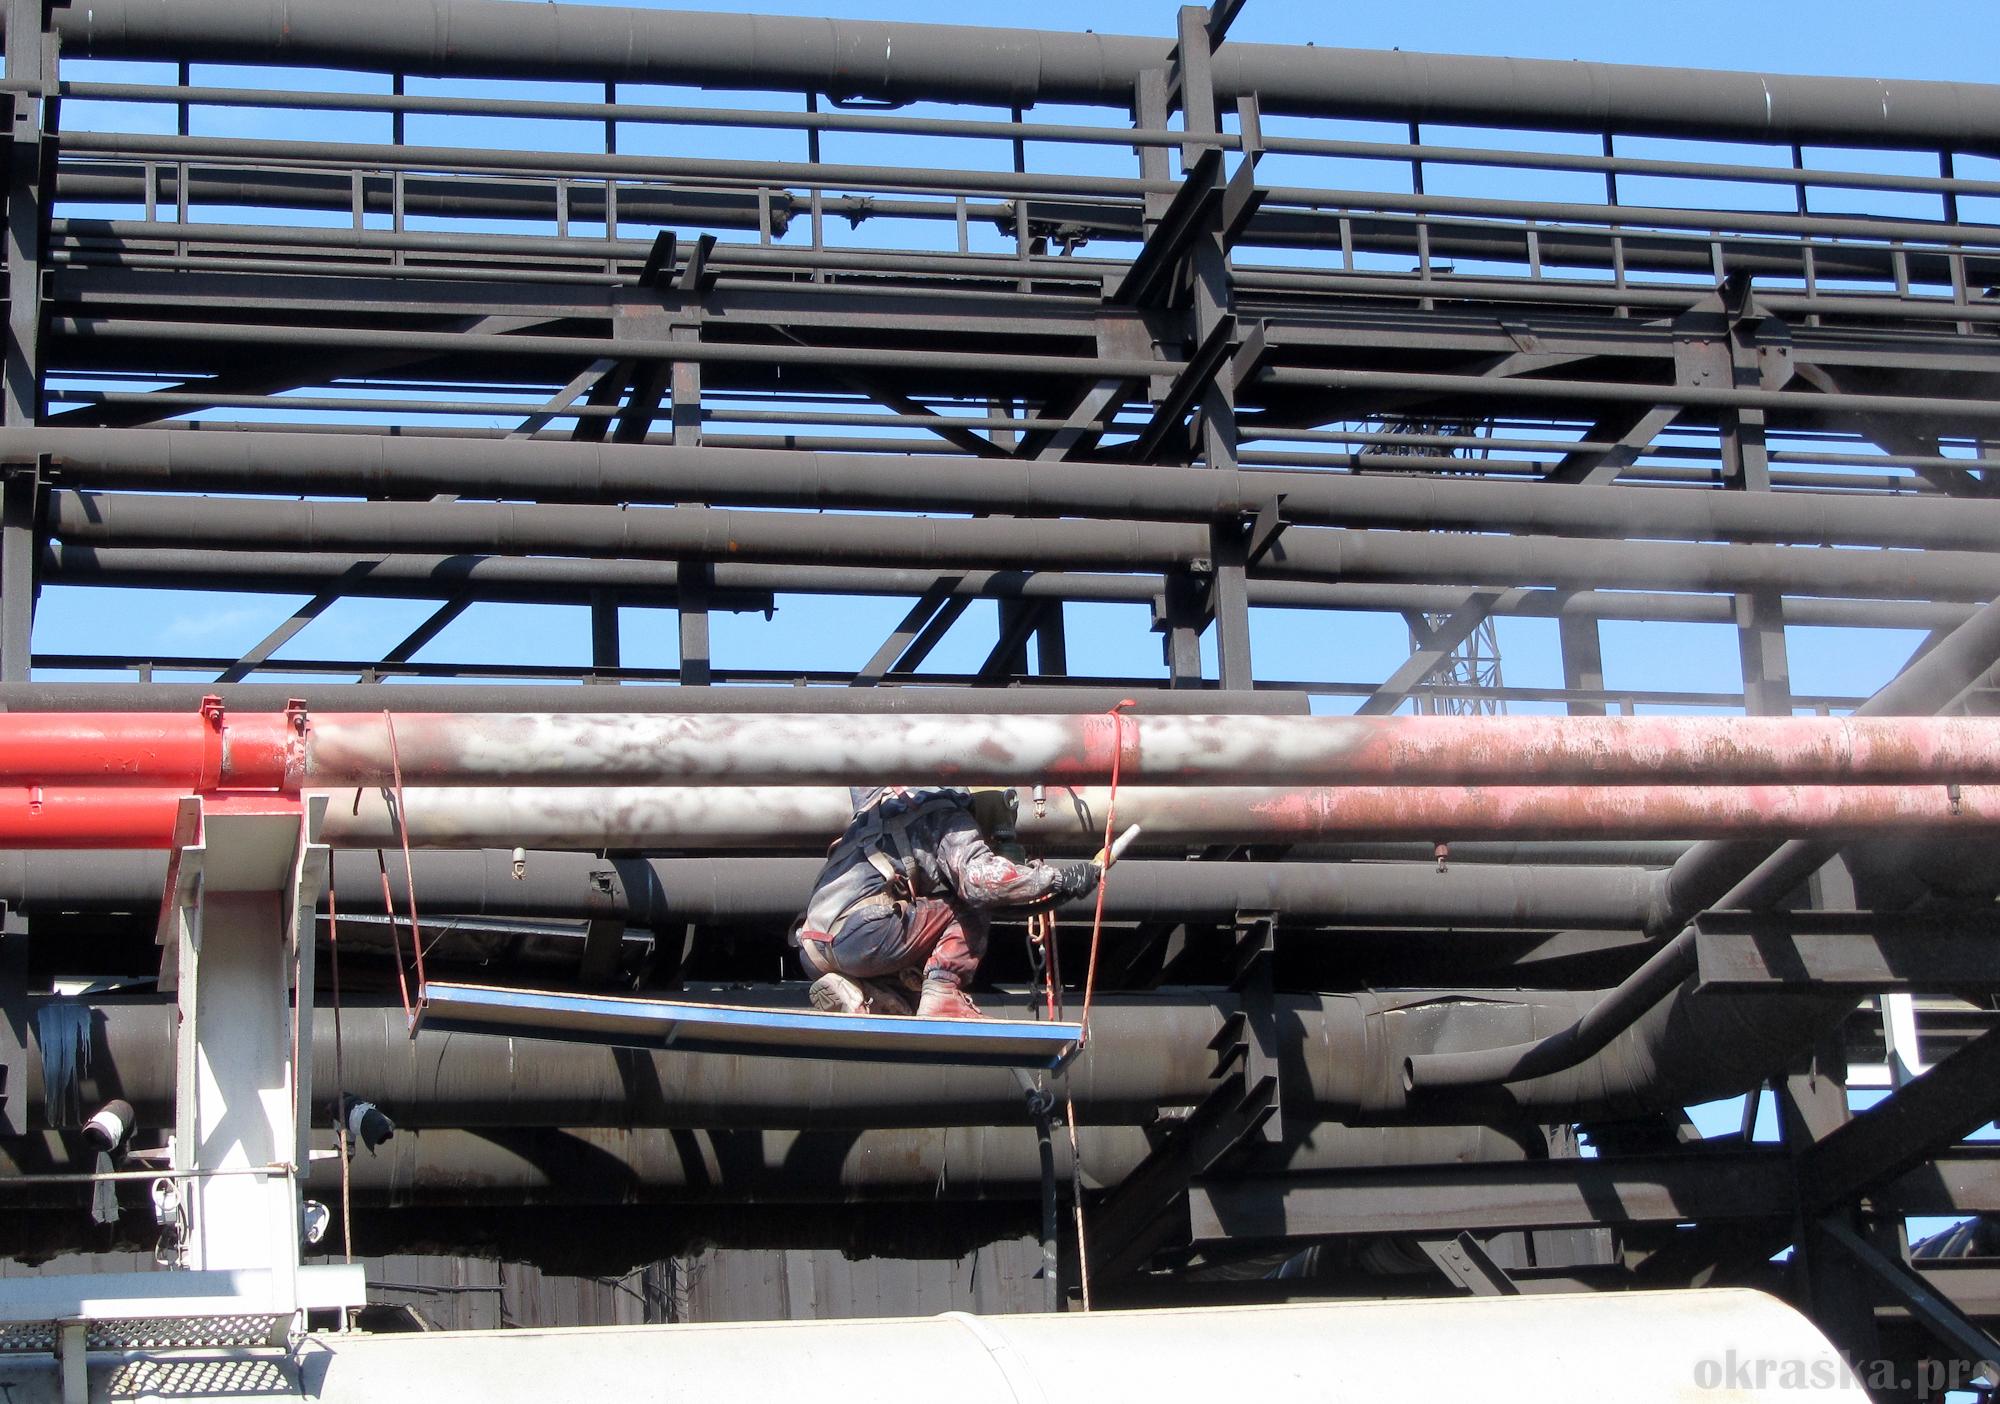 Антикоррозийная защита технологических трубопроводов. Северсталь